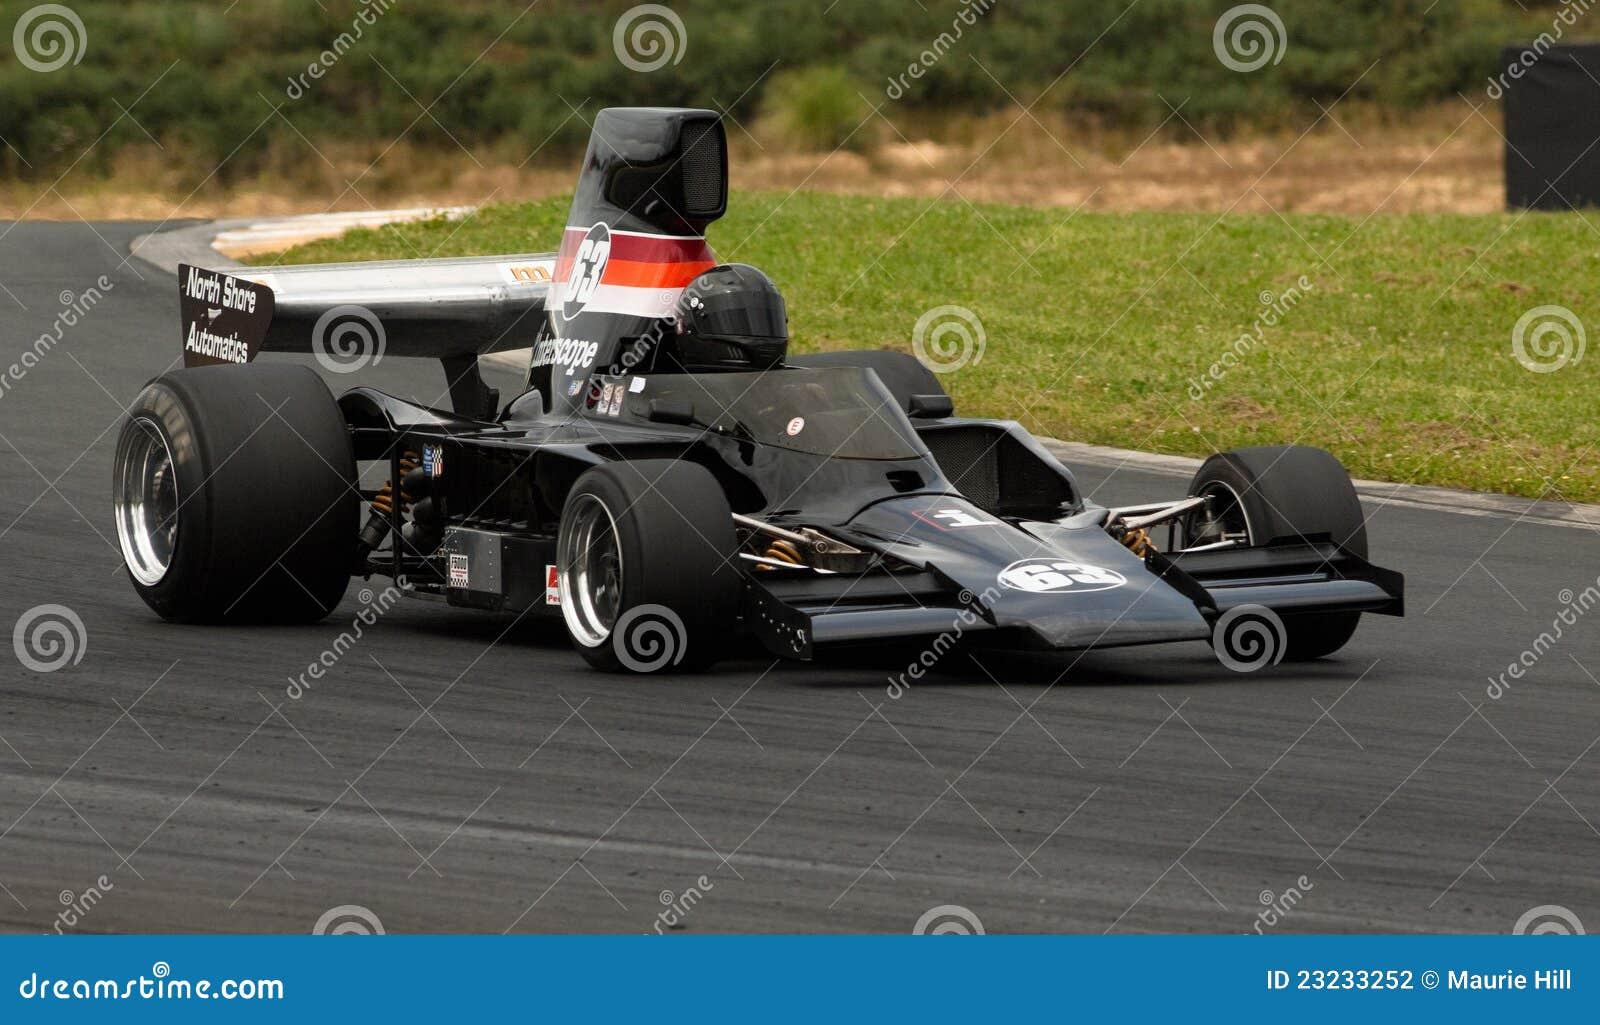 Formule 5000 Lola T332 photographie éditorial Image du